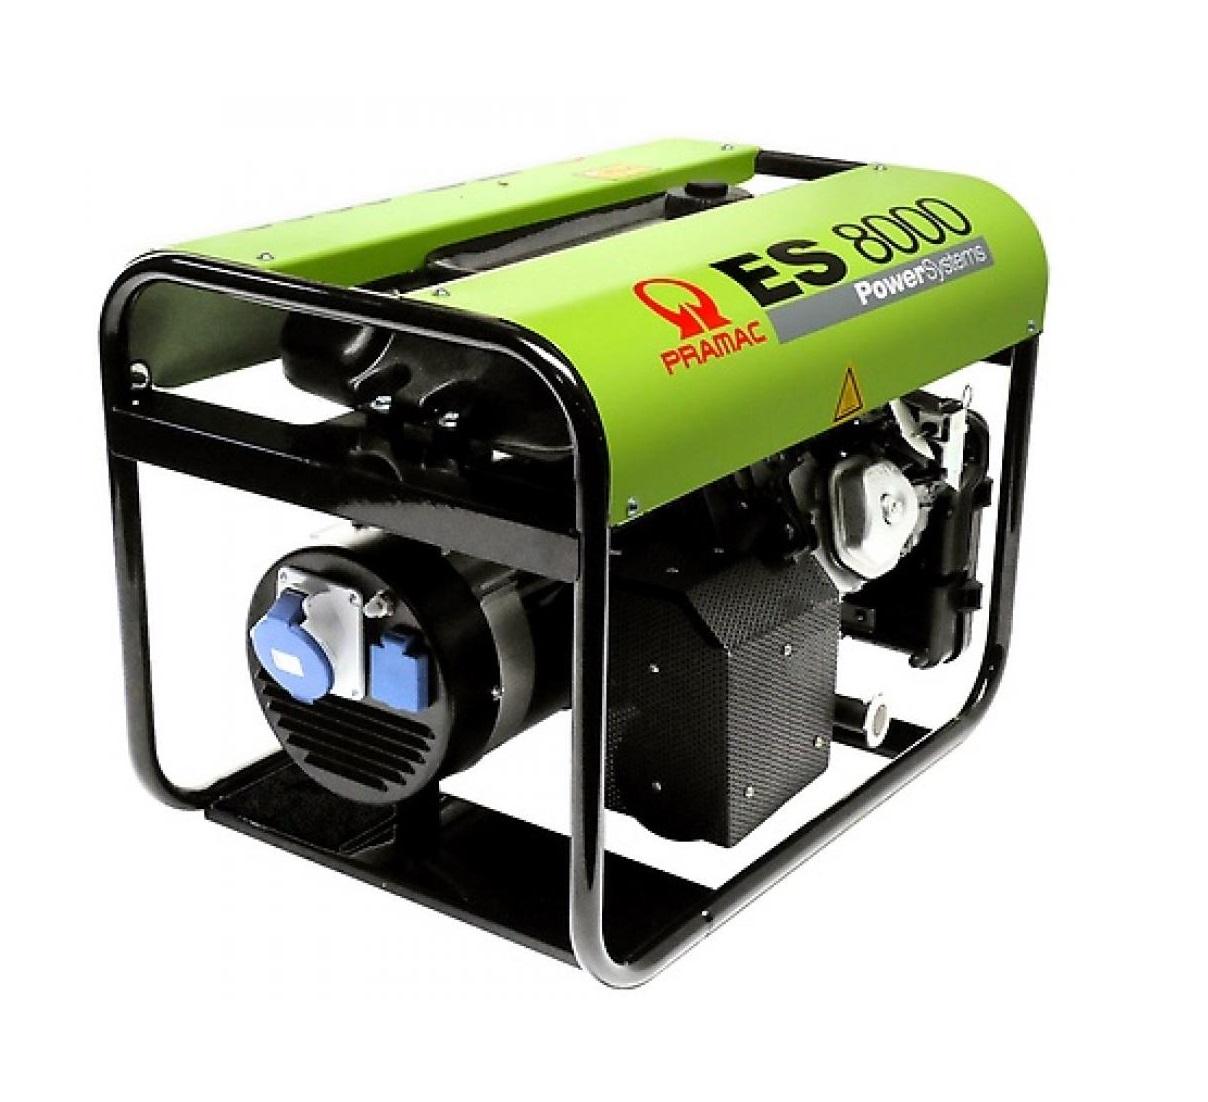 Бензиновый генератор (Бензогенератор) Pramac ES8000, 230V, 50Hz